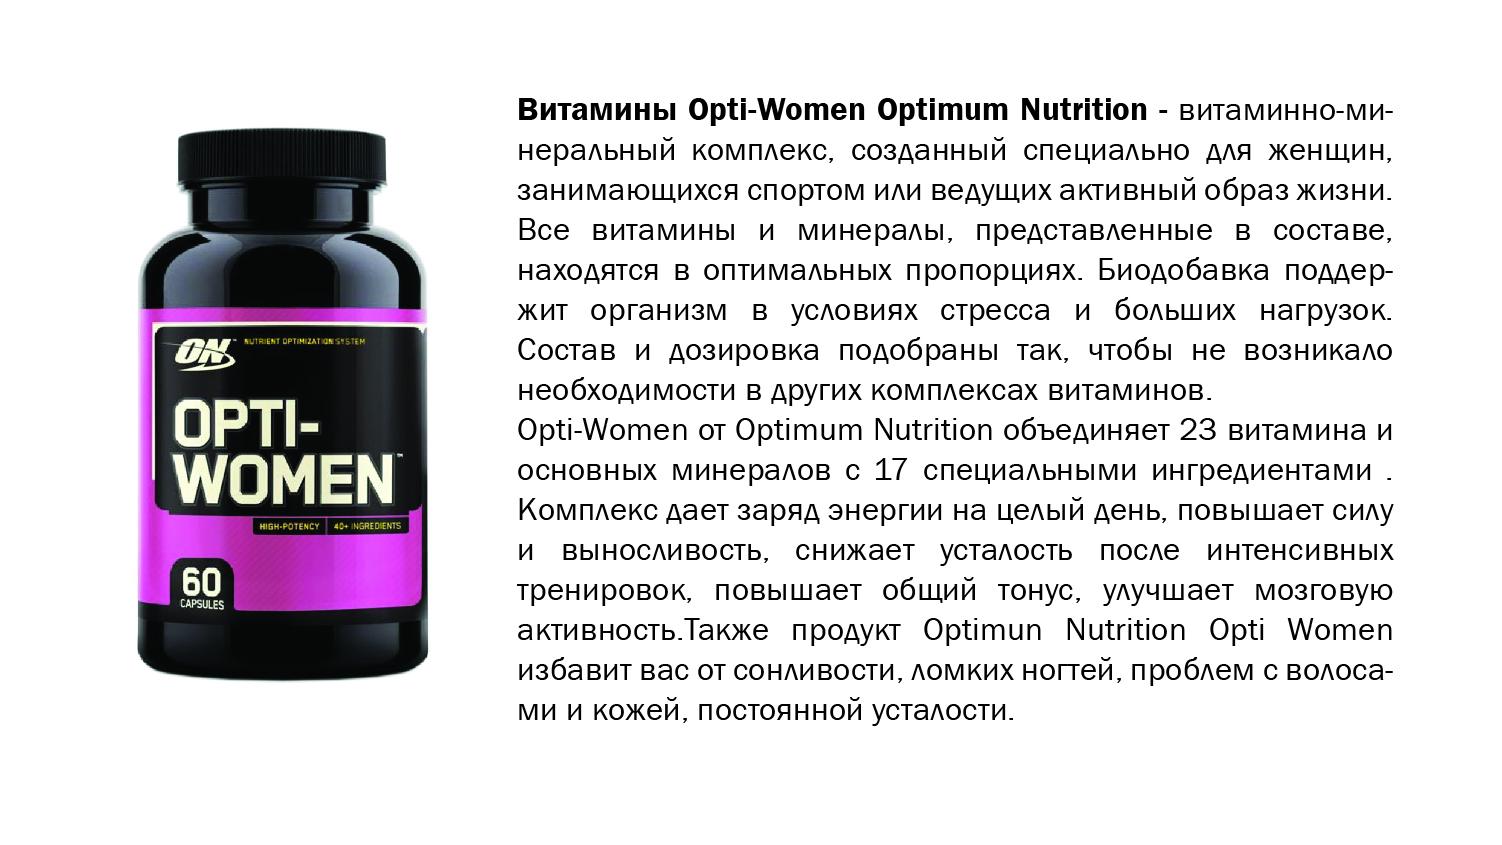 Витамины опти-вумен: показания и правила применения